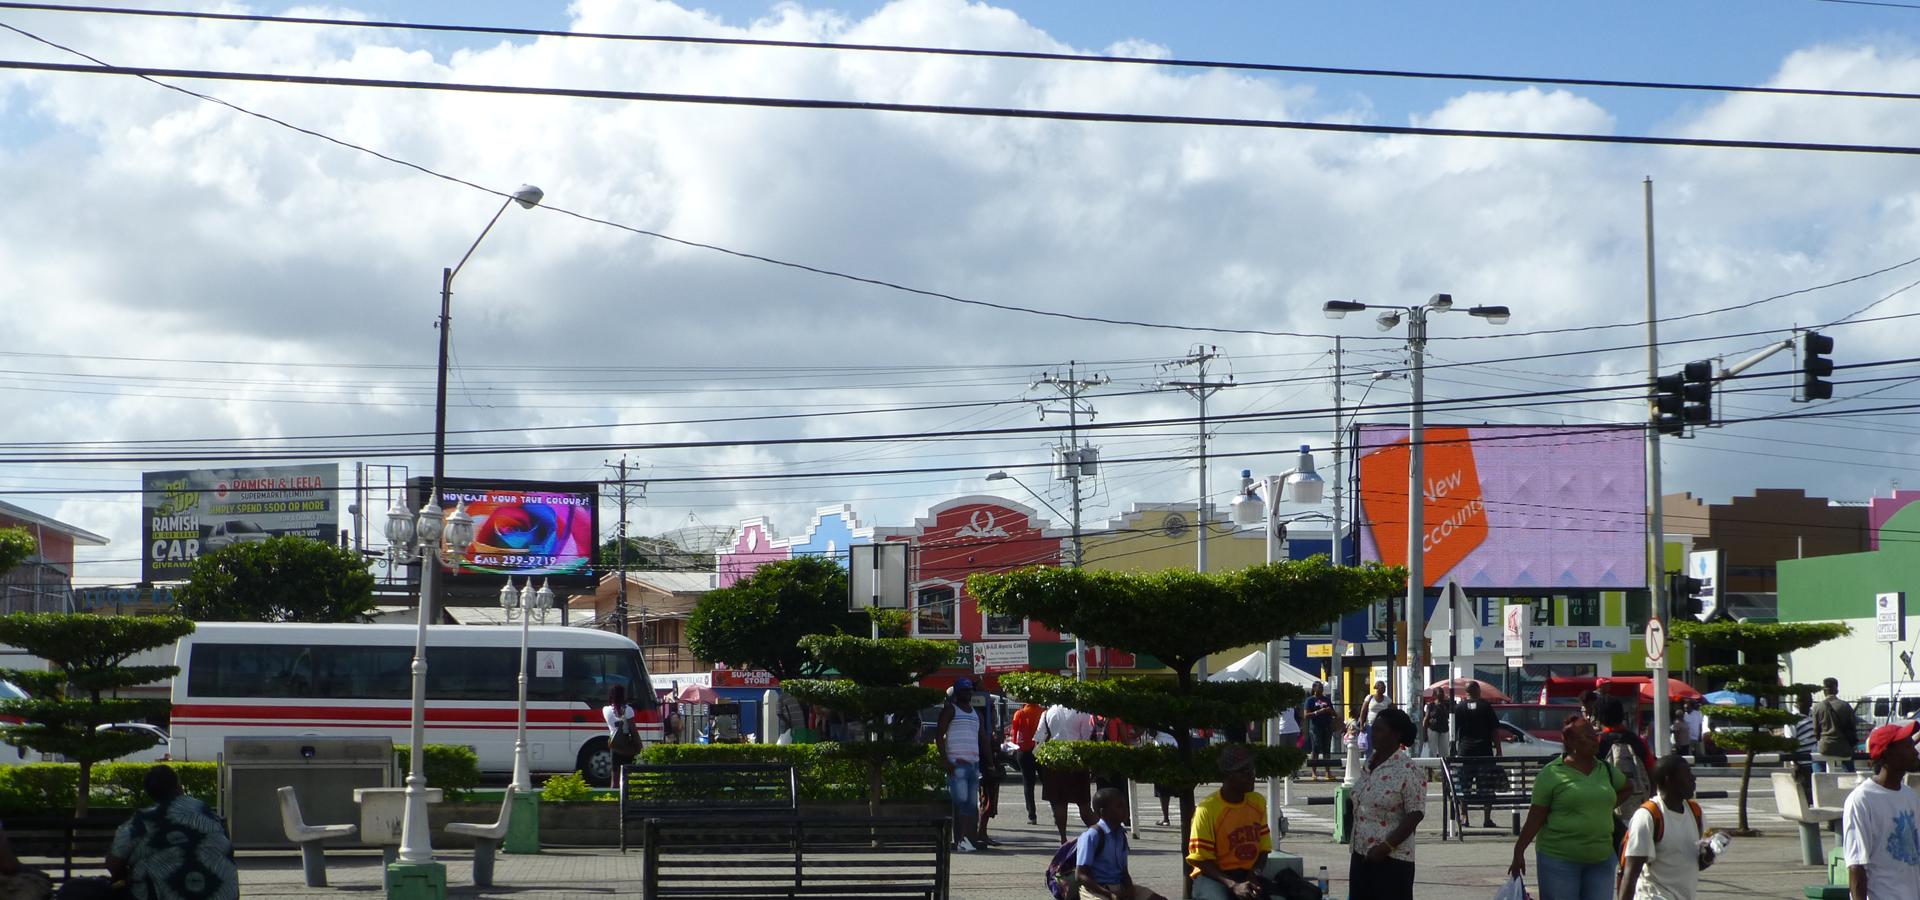 <b>San Juan, San Juan–Laventille Region, Trinidad and Tobago</b>